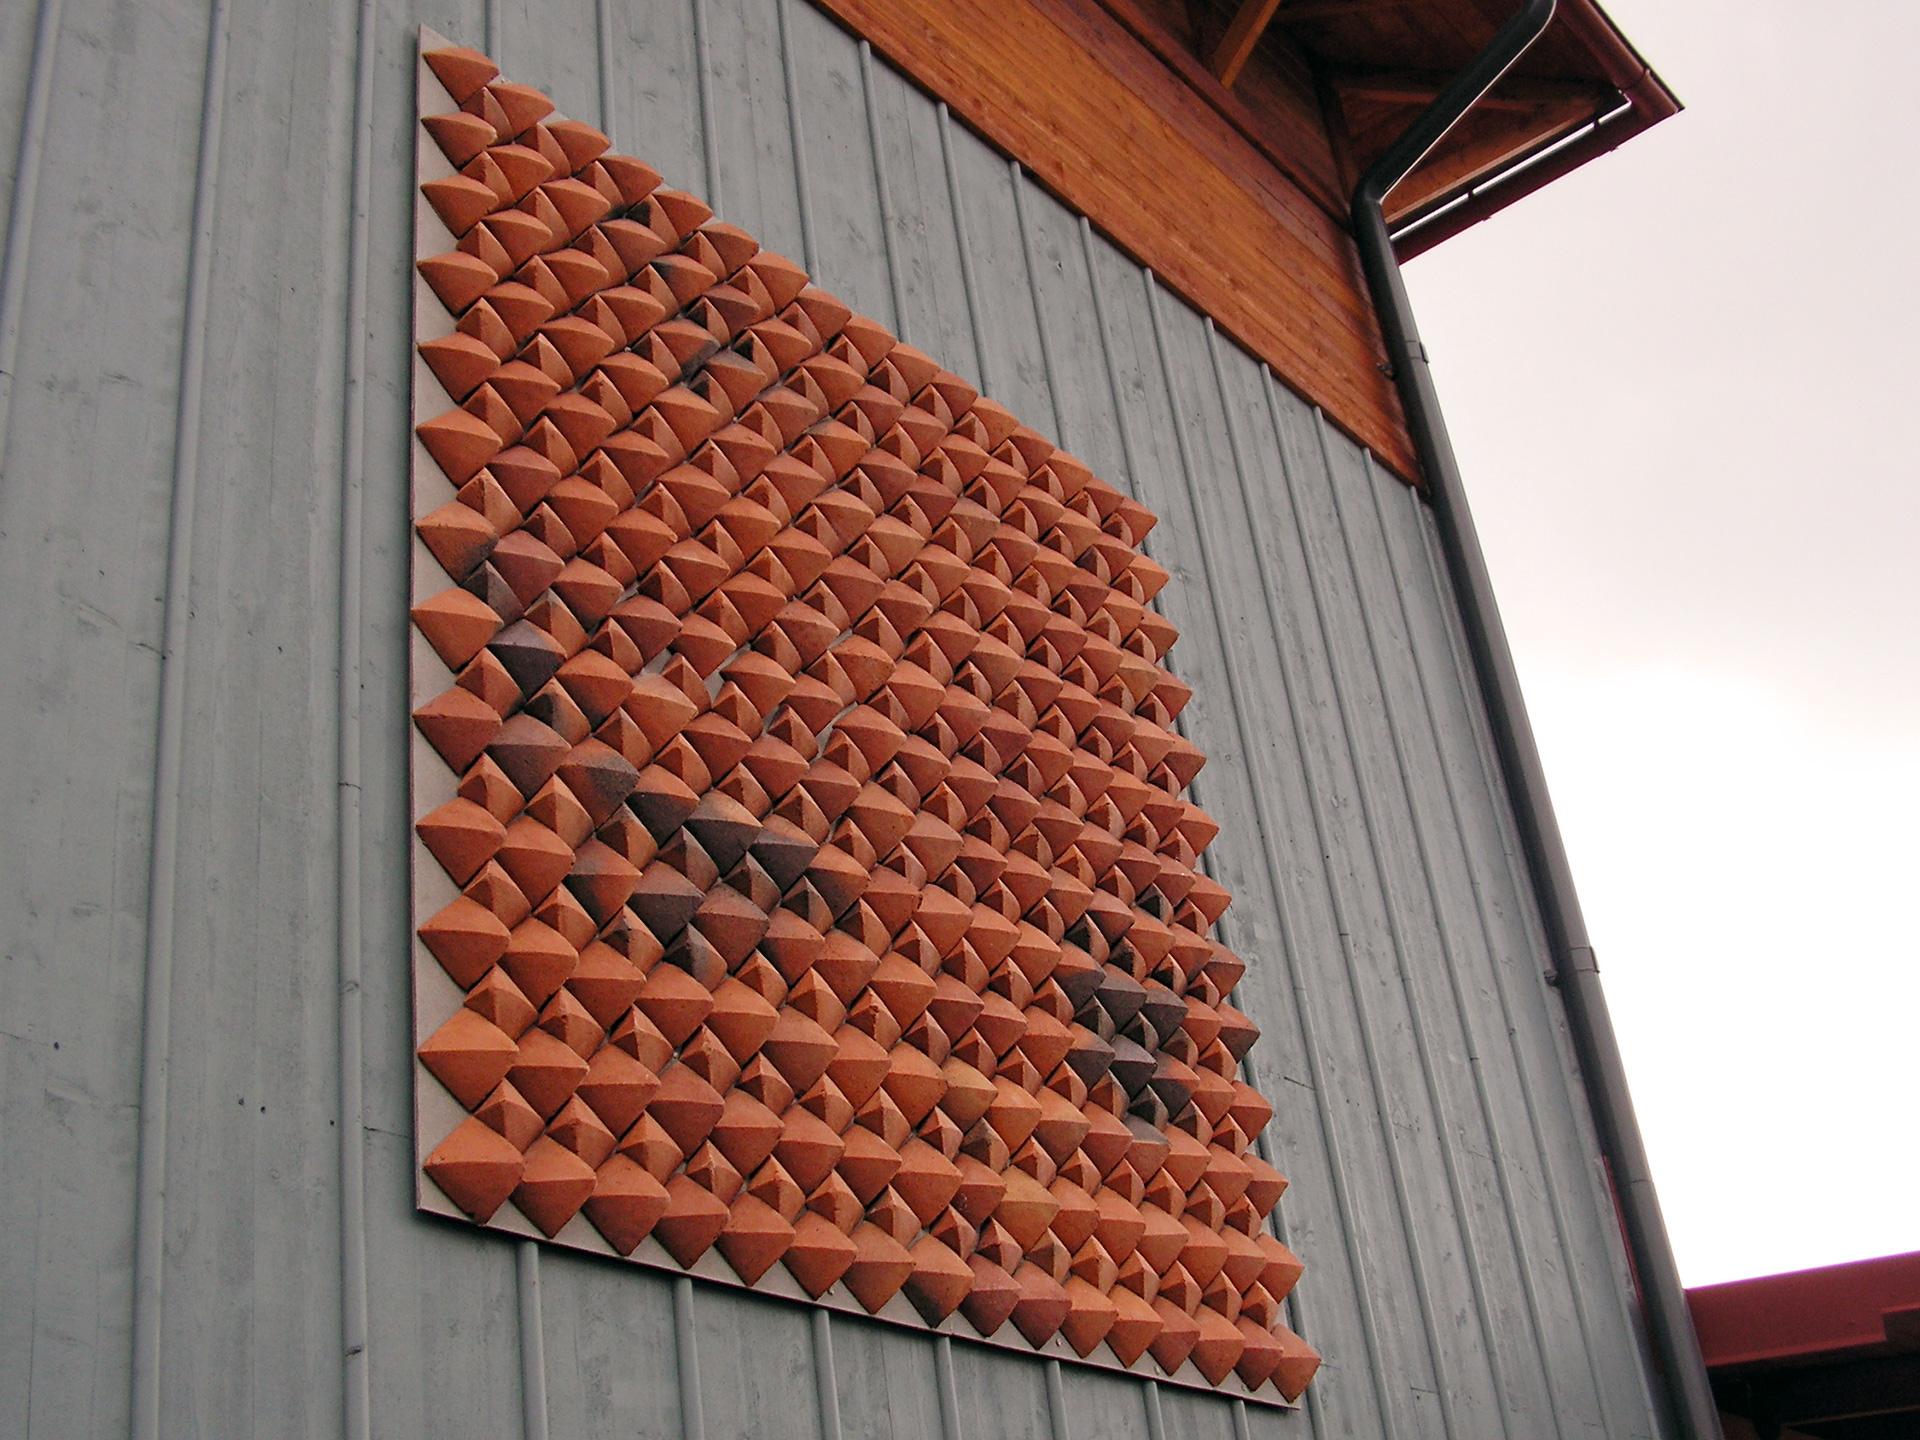 kakelkonst-slavsta-Jord-tegelreliefer.jpg